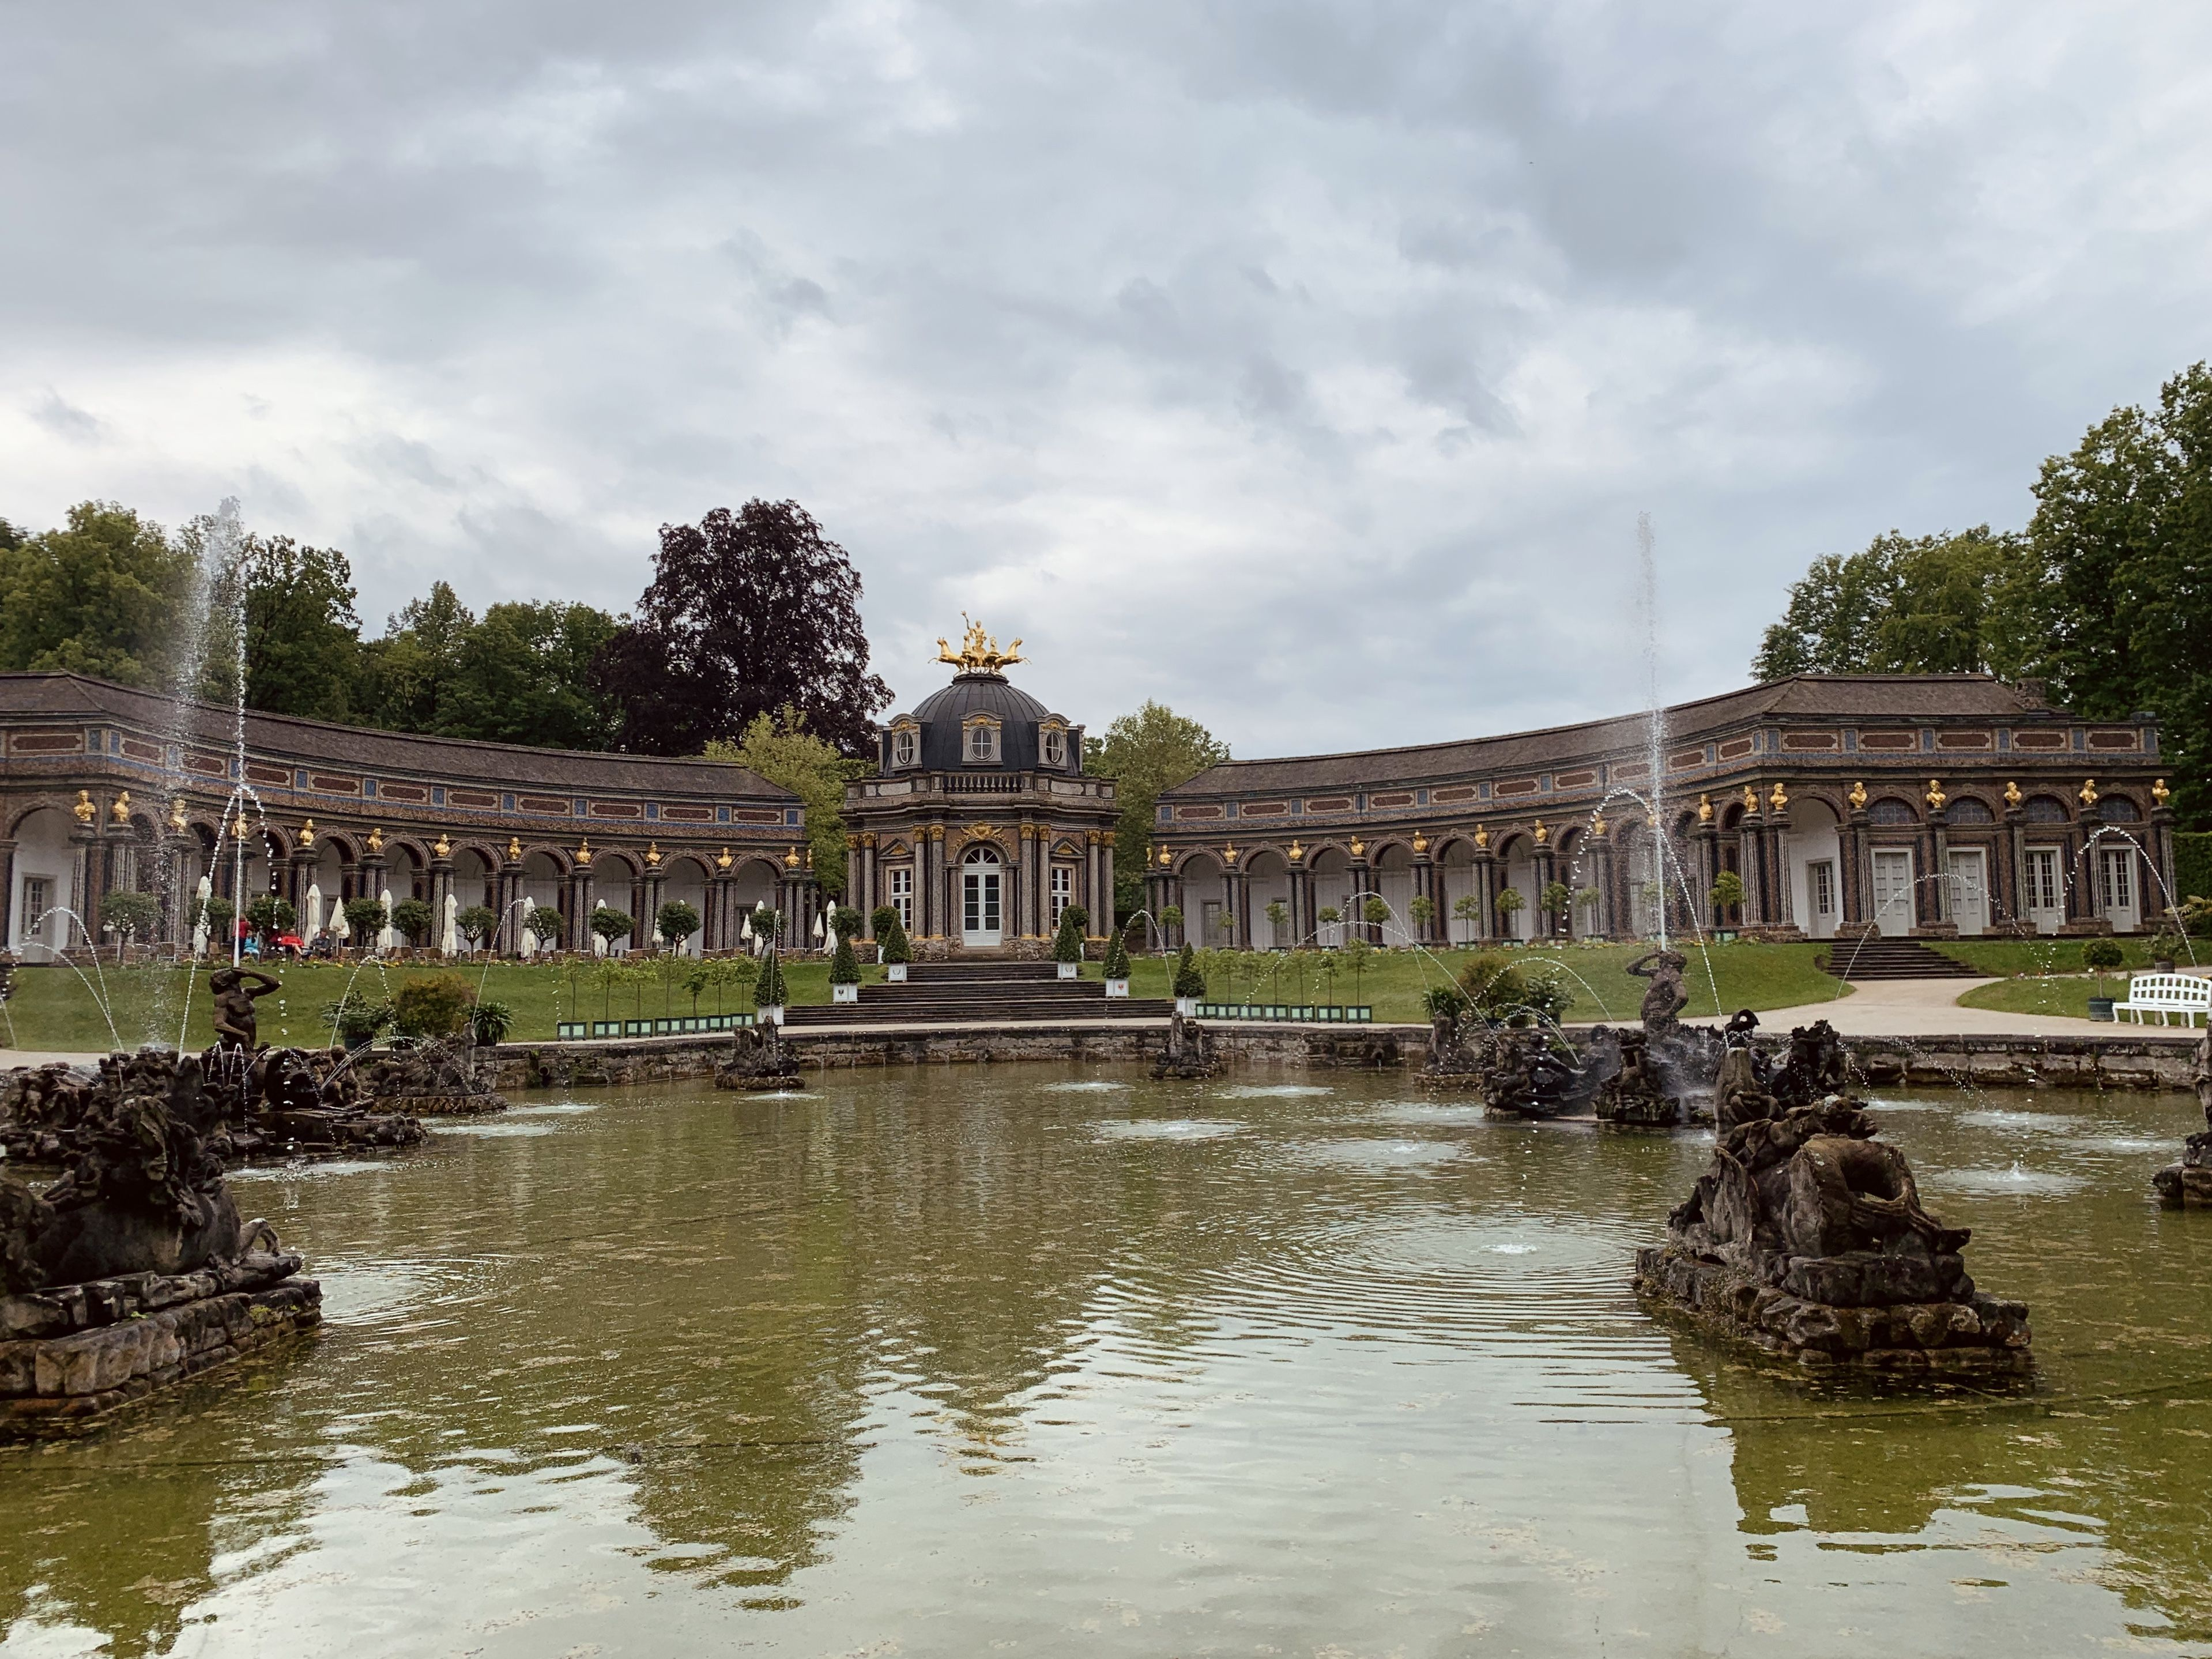 Neues Schloss Sonnentempel Orangerie In Der Eremitage Von Bayreuth Bayreuth Reisen Deutschland Reisen